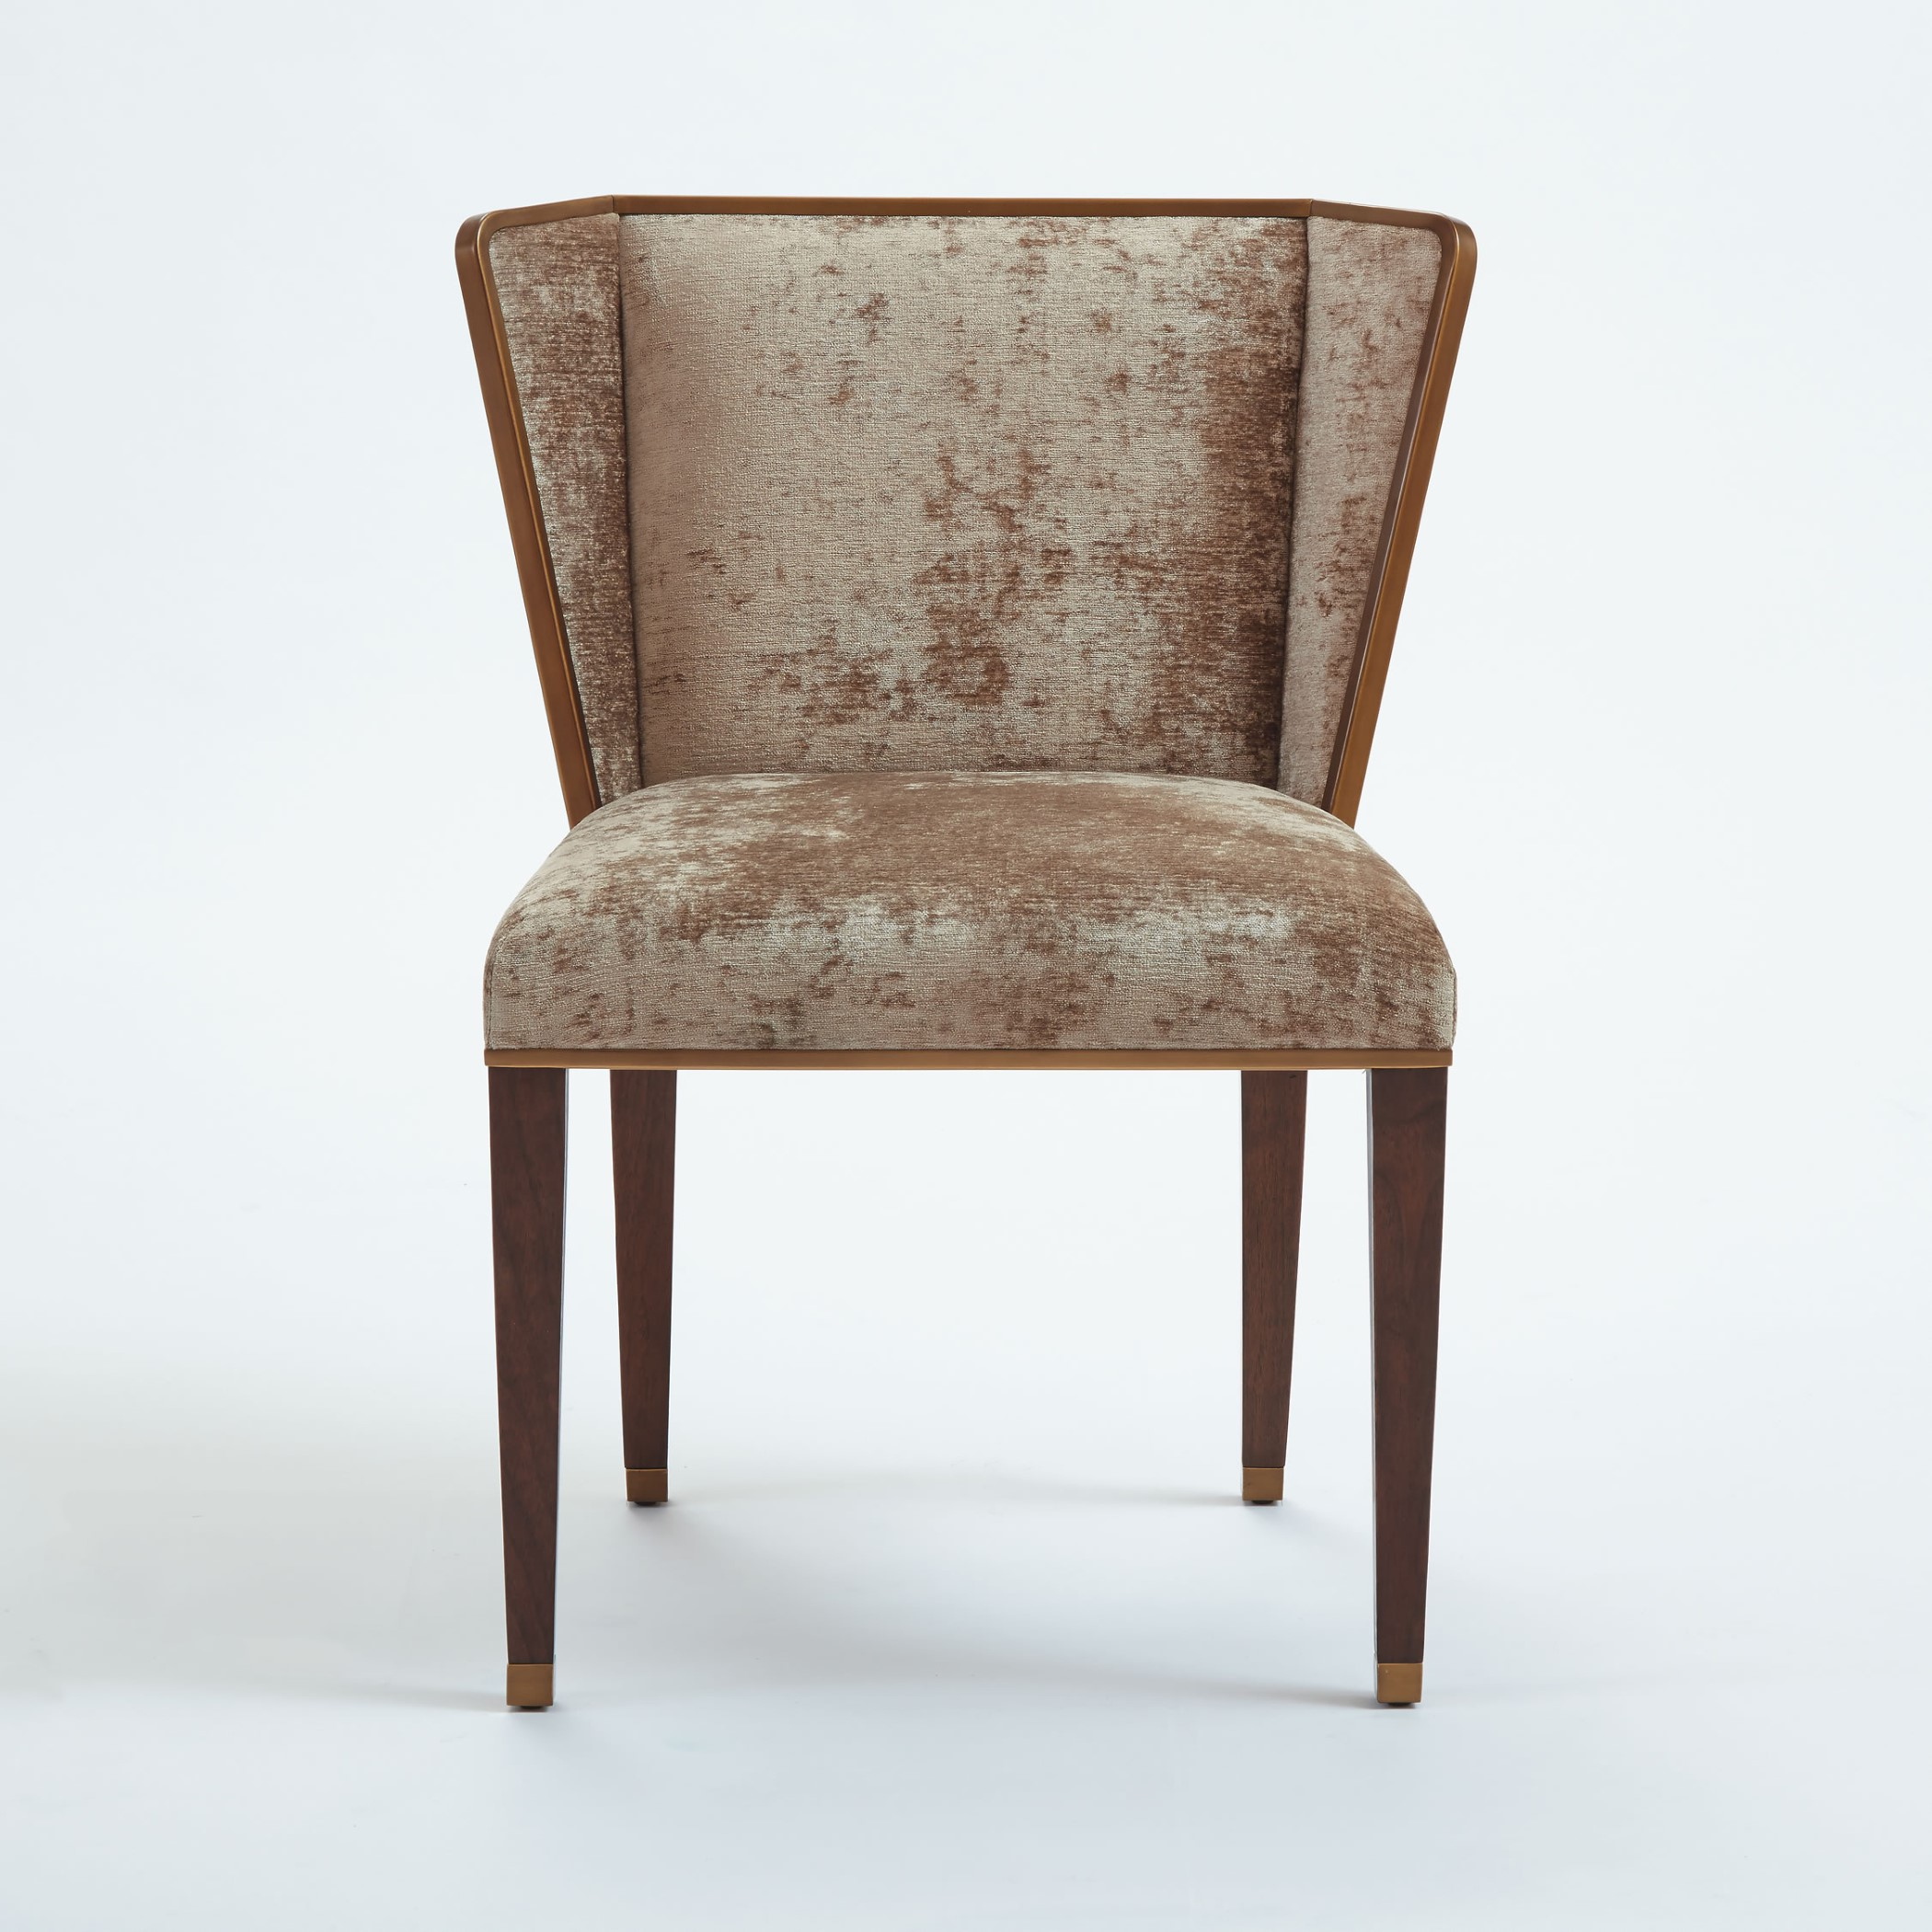 Global-Views-D'Oro-chair